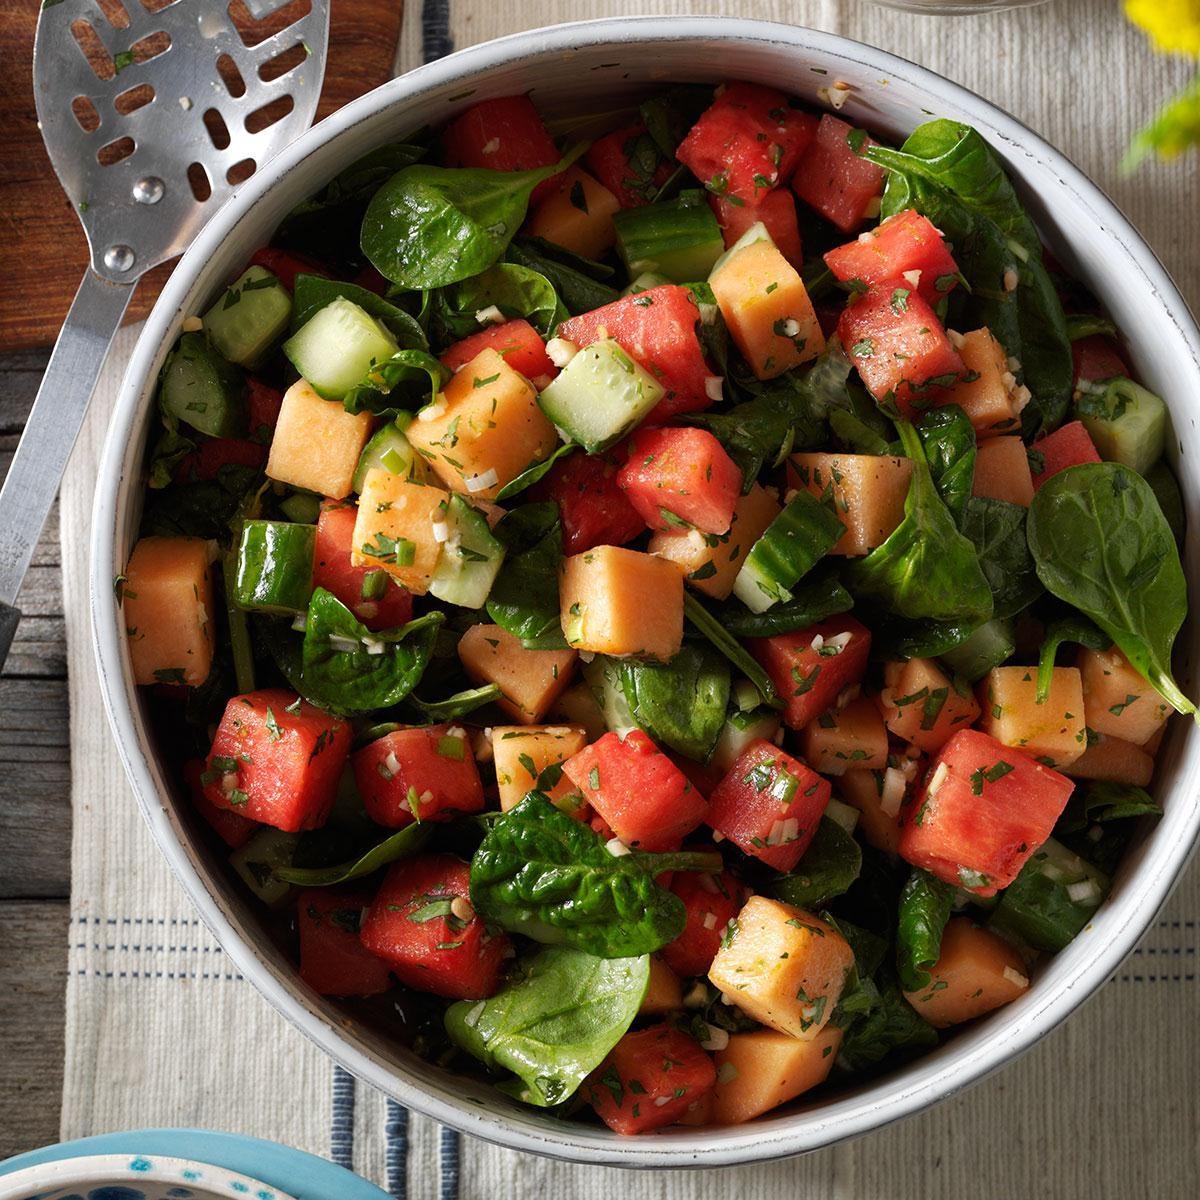 Watermelon & Spinach Salad Recipe